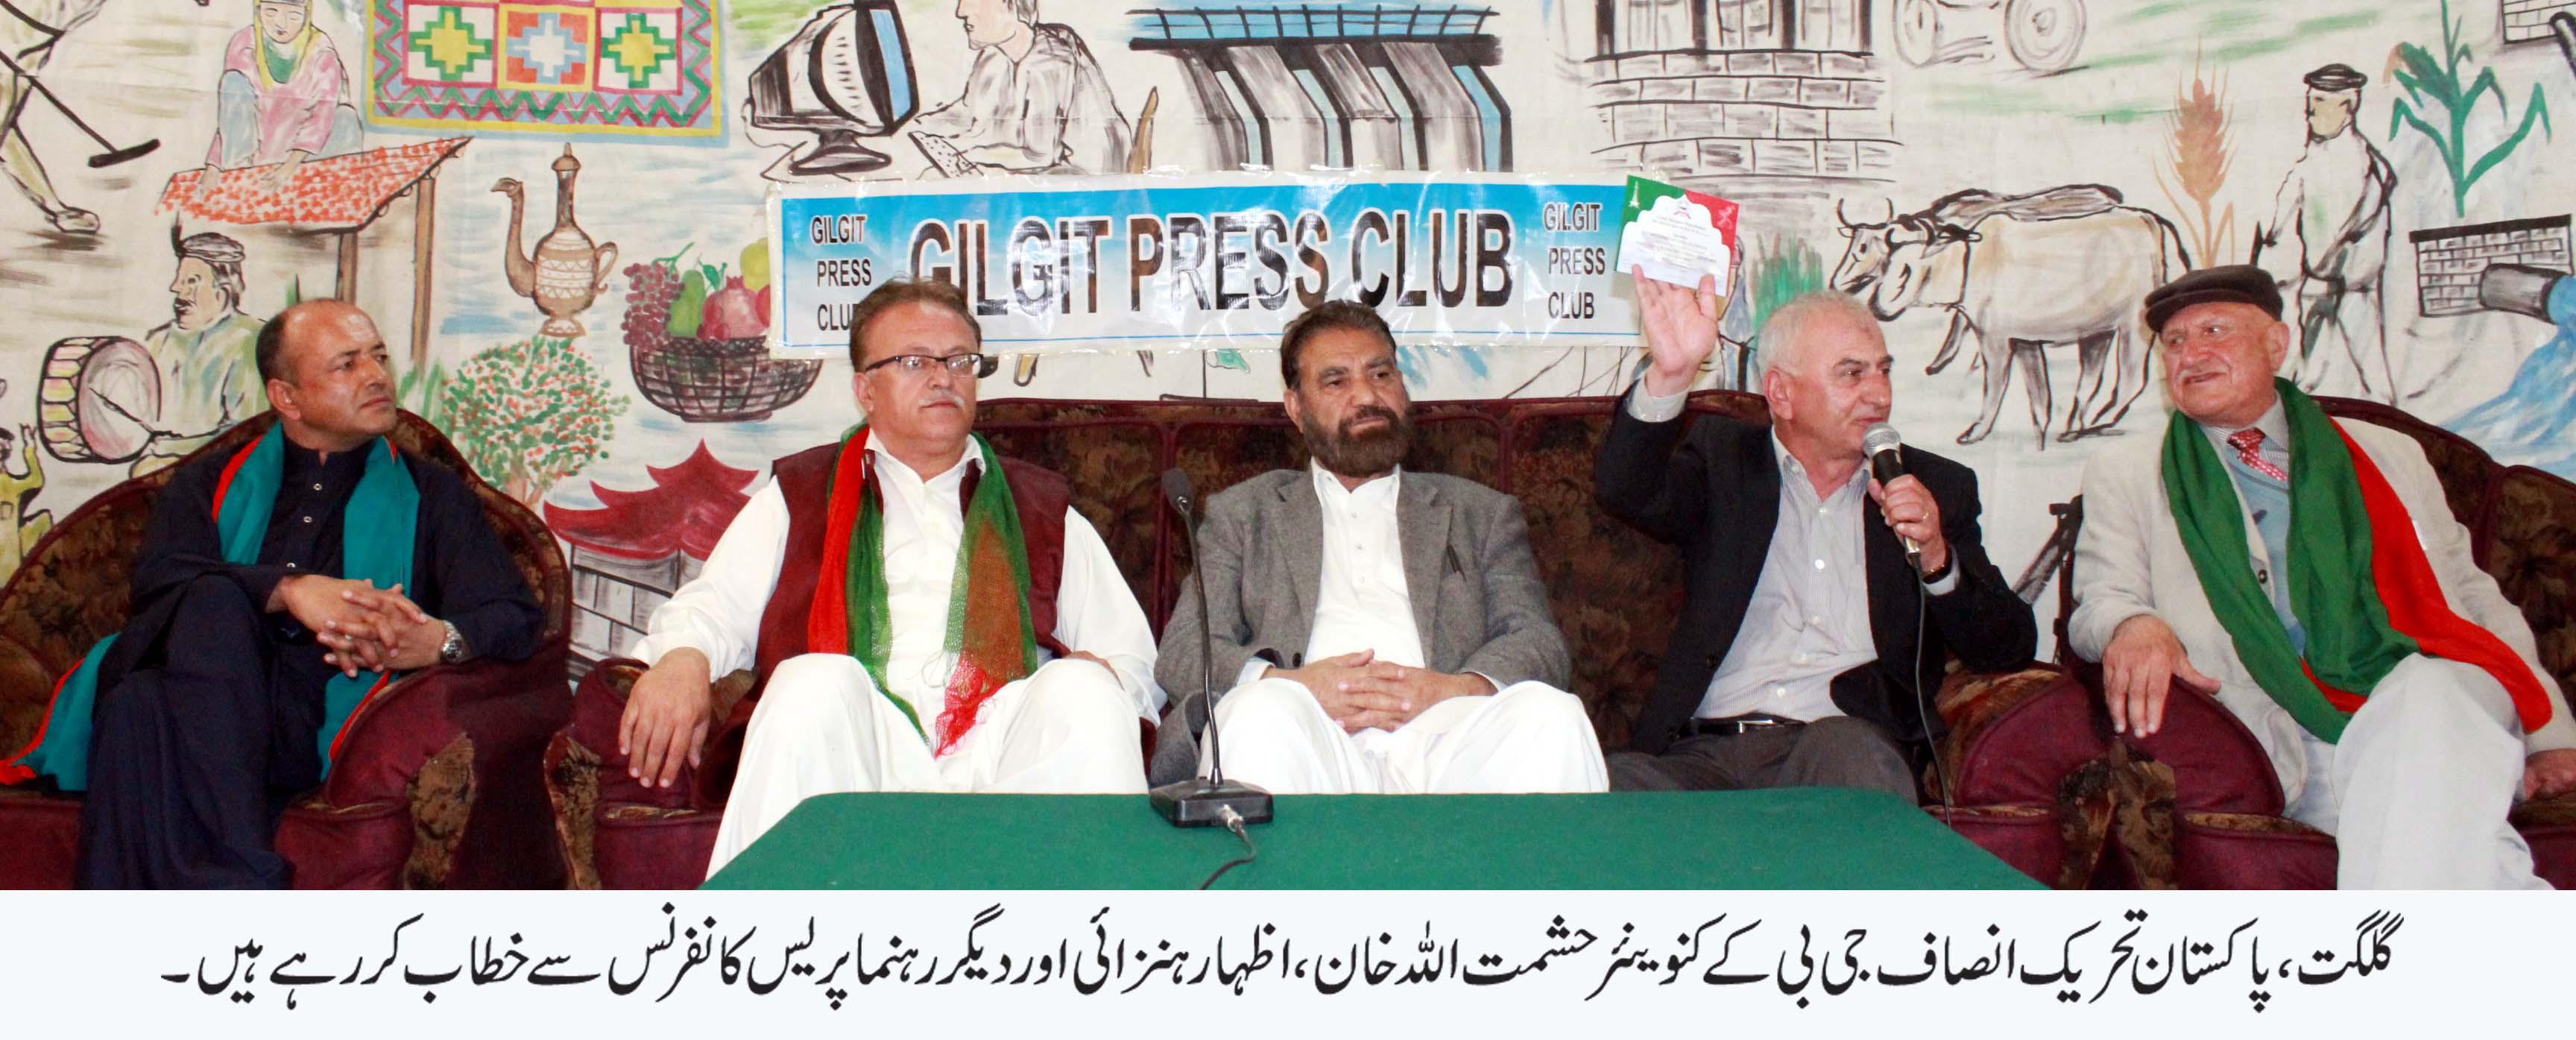 گلگت بلتستان میں انتخابات عالمی مبصرین اور پاک فوج کی زیر نگرانی کروائی جائیں، پاکستان تحریک انصاف کا مطالبہ